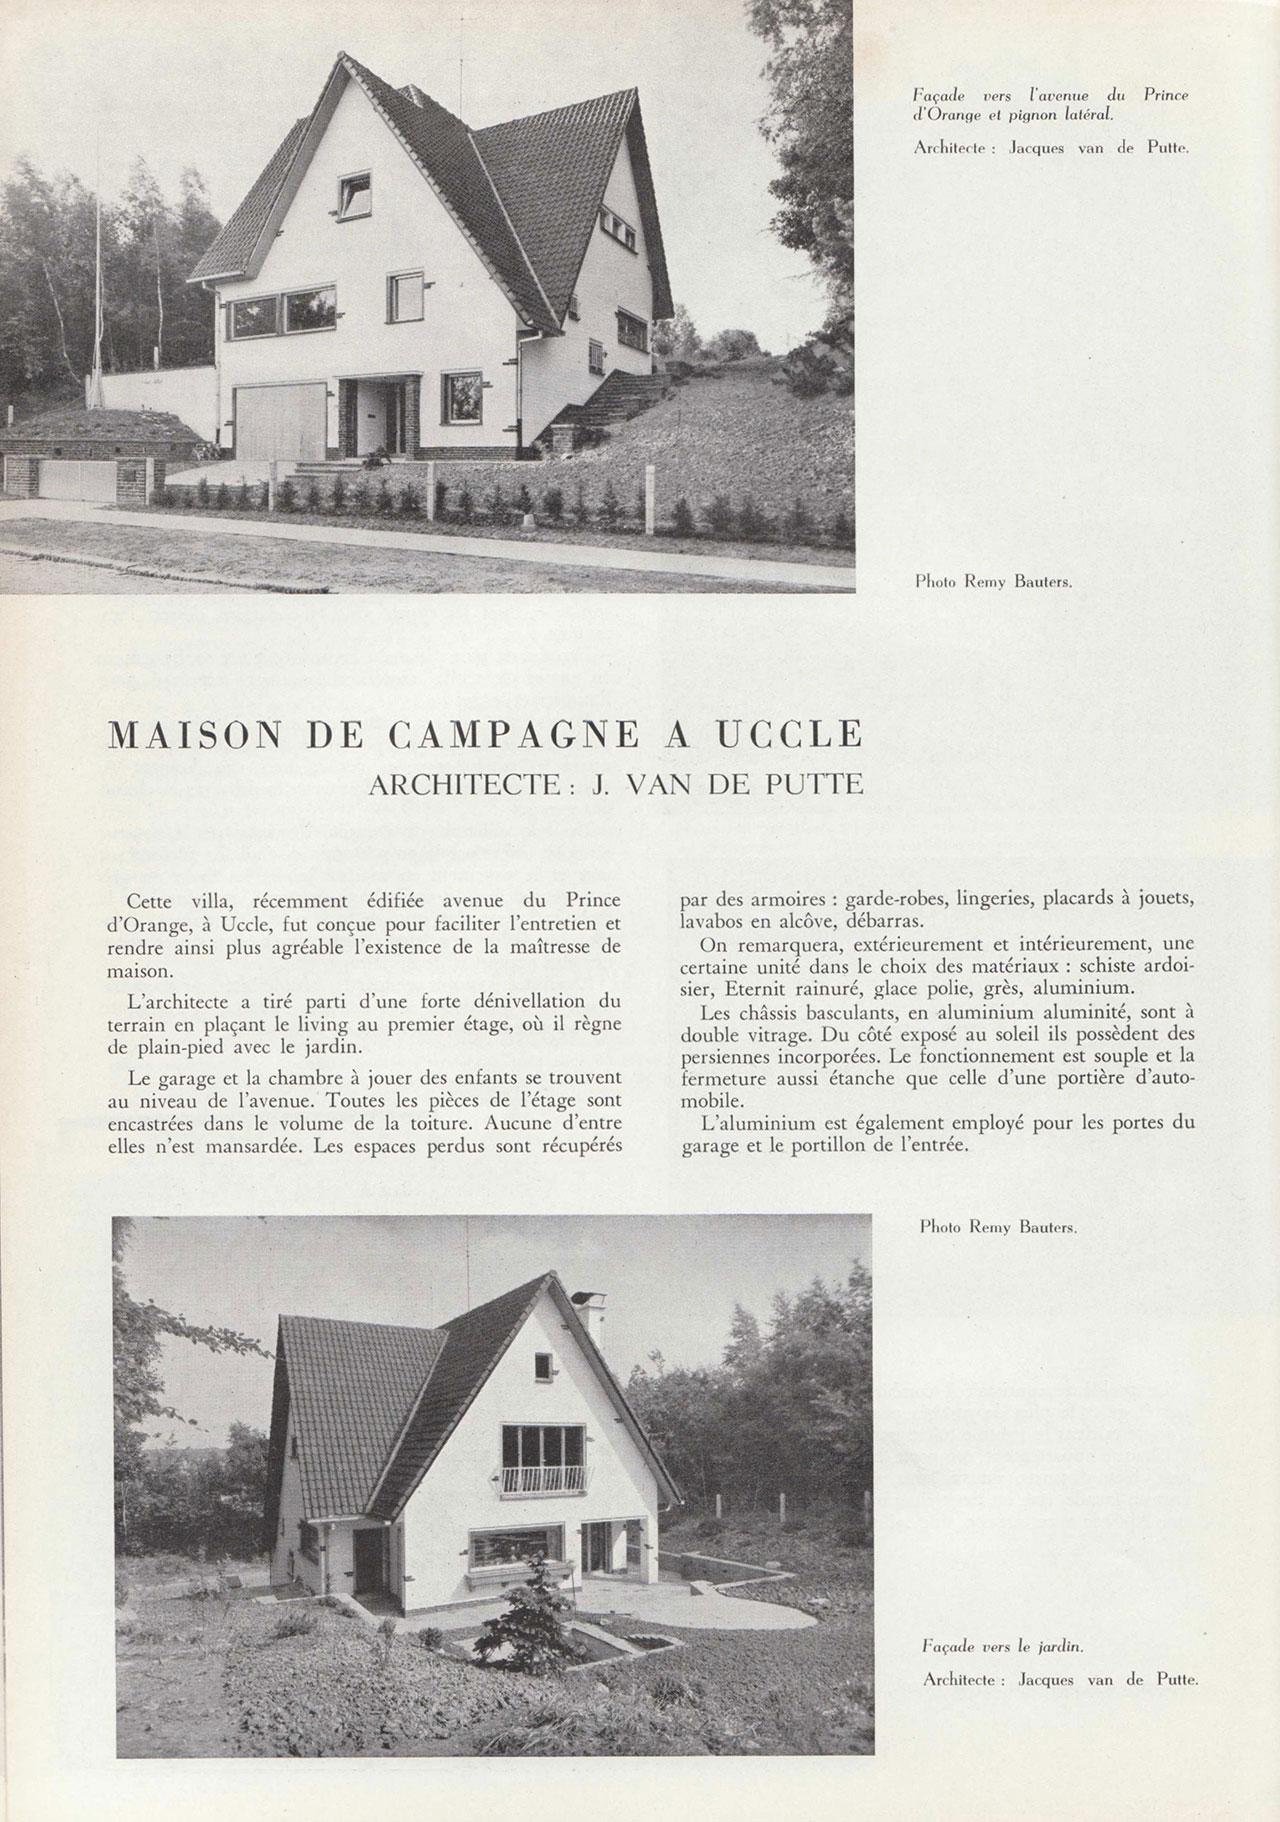 Maison de campagne à Uccle